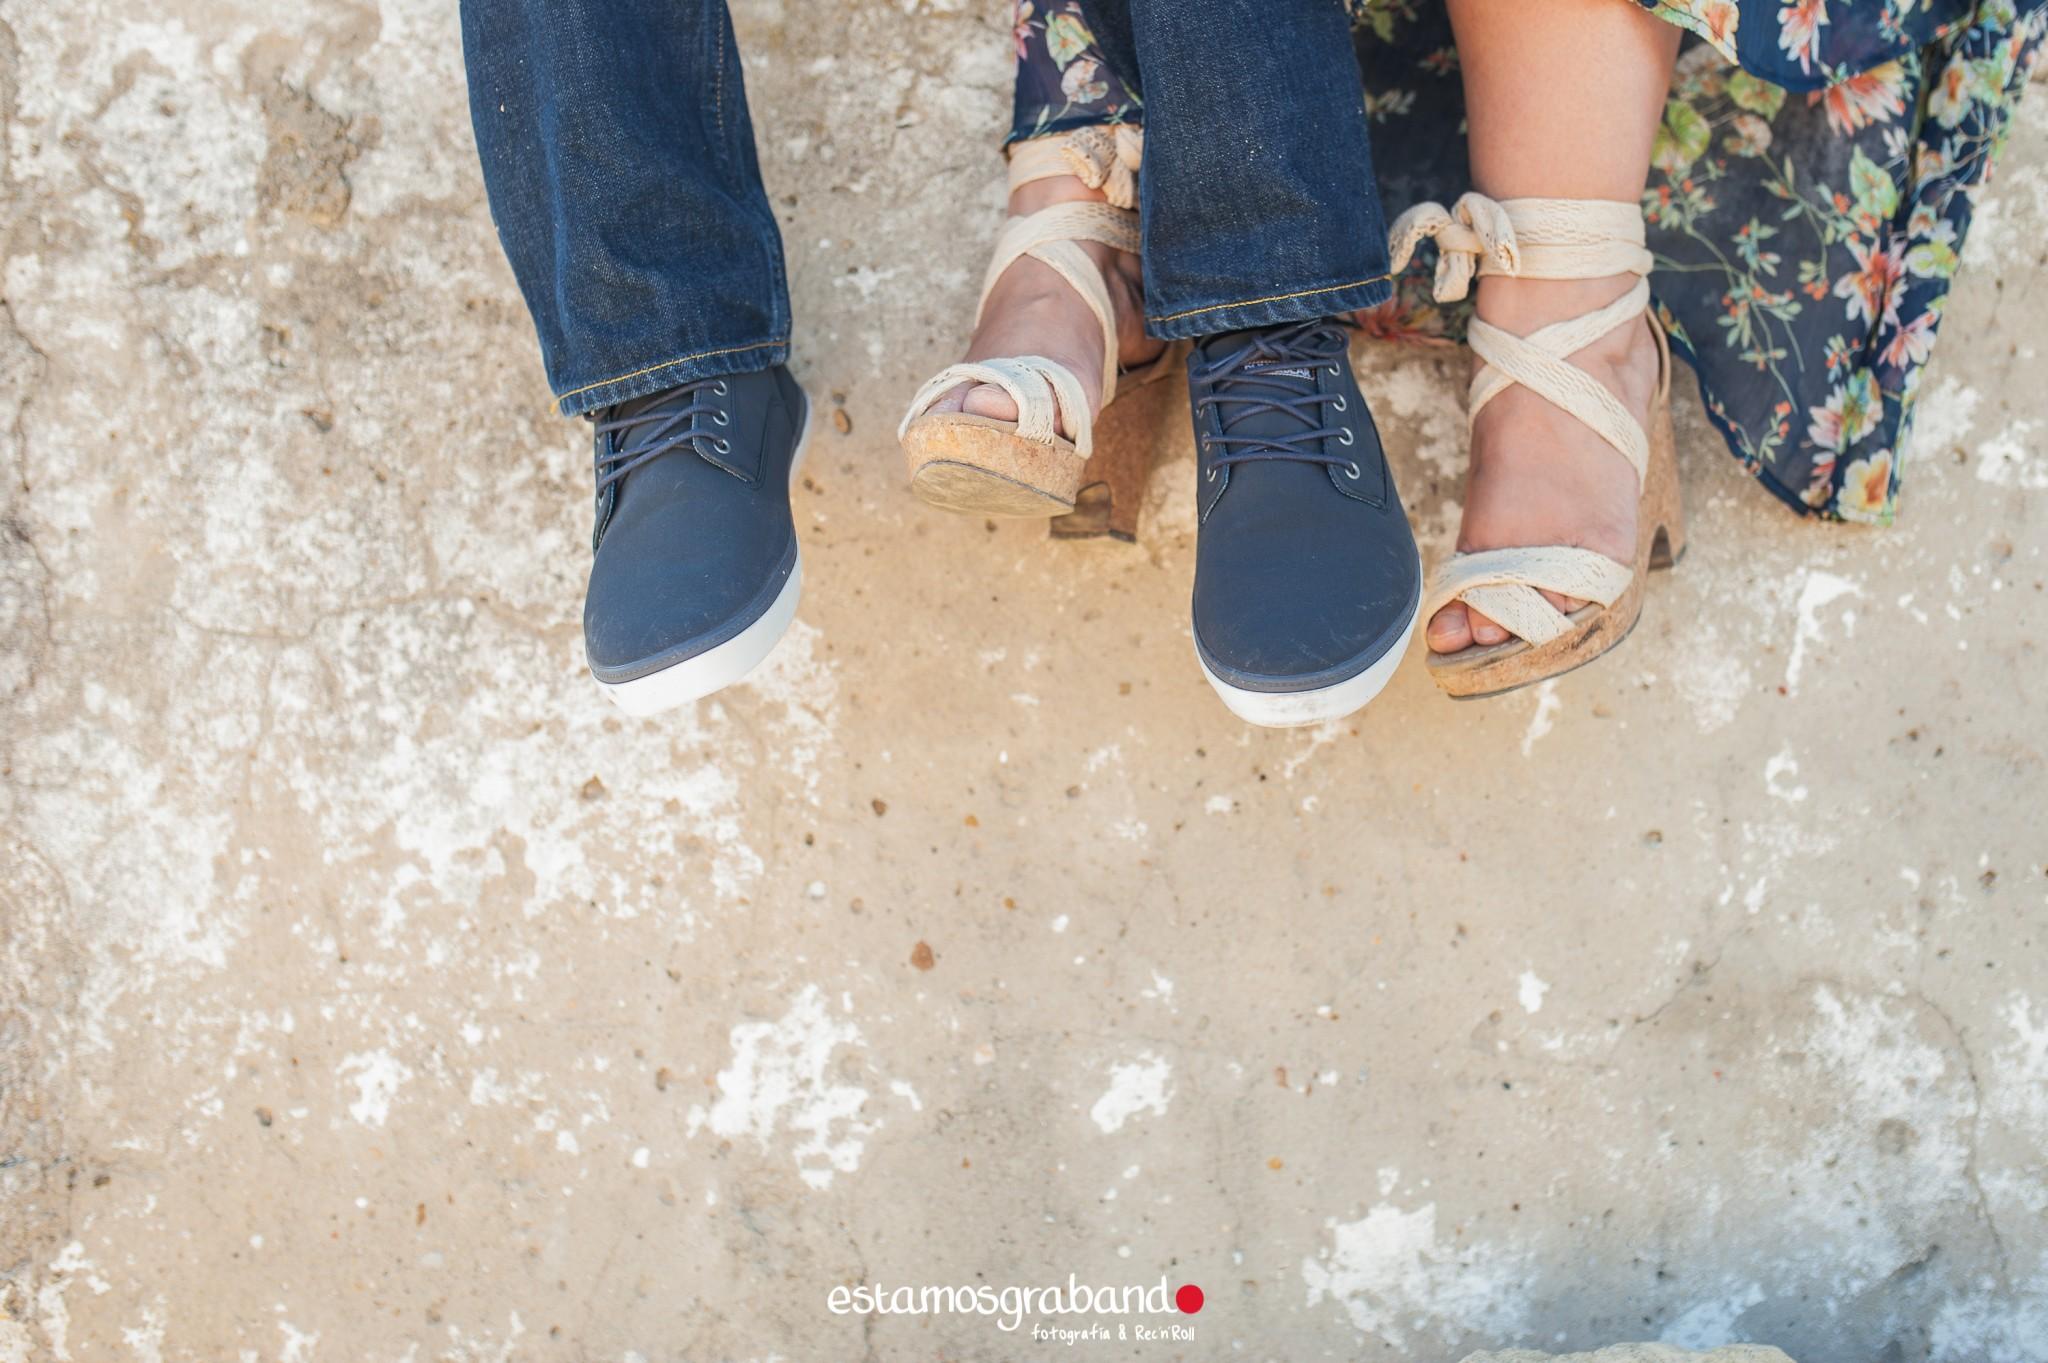 preboda-may-y-sergio-preboda-sesion-rec-and-rollera-fotos-de-pareja-e-session-fotos-boda-jerez-fotos-boda-jerez_-18 10 días [Preboda May & Sergio] - video boda cadiz